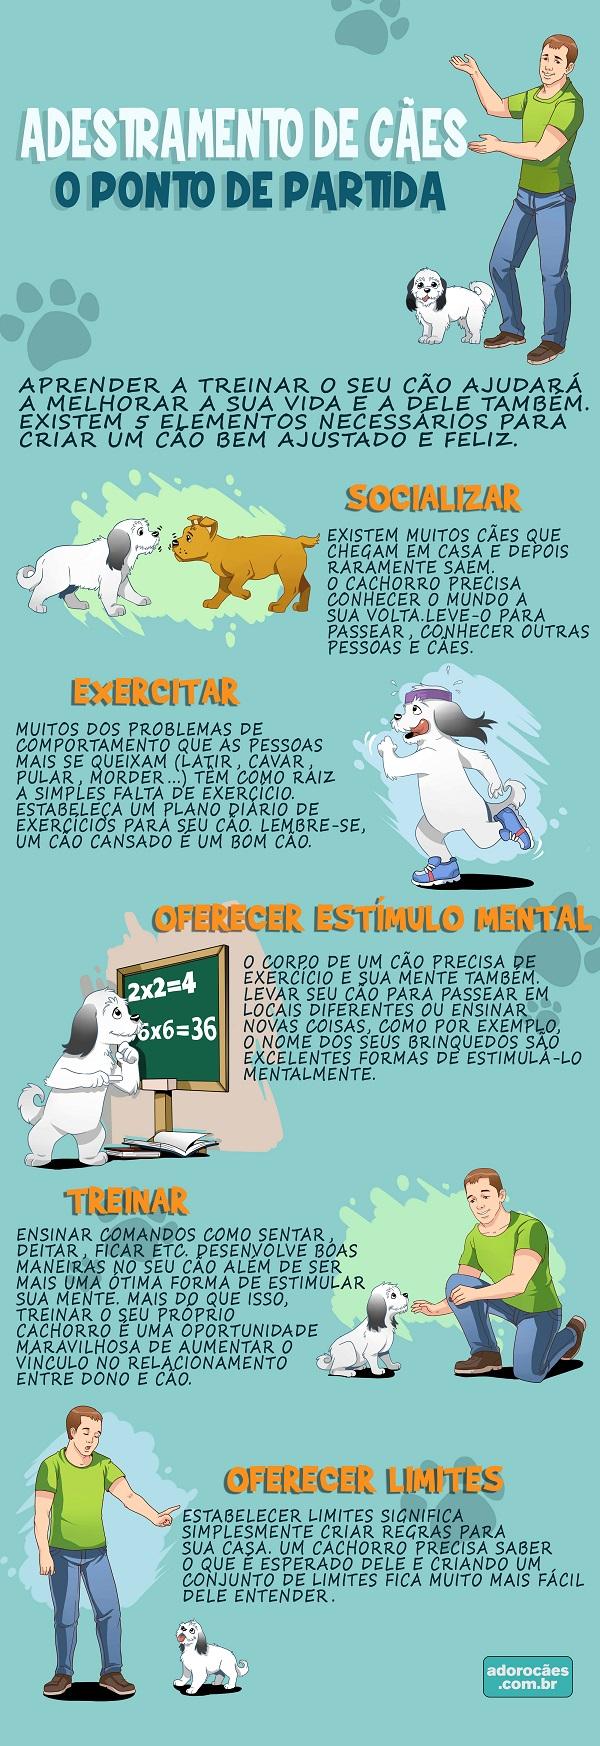 Adestramento de Cães infográfico